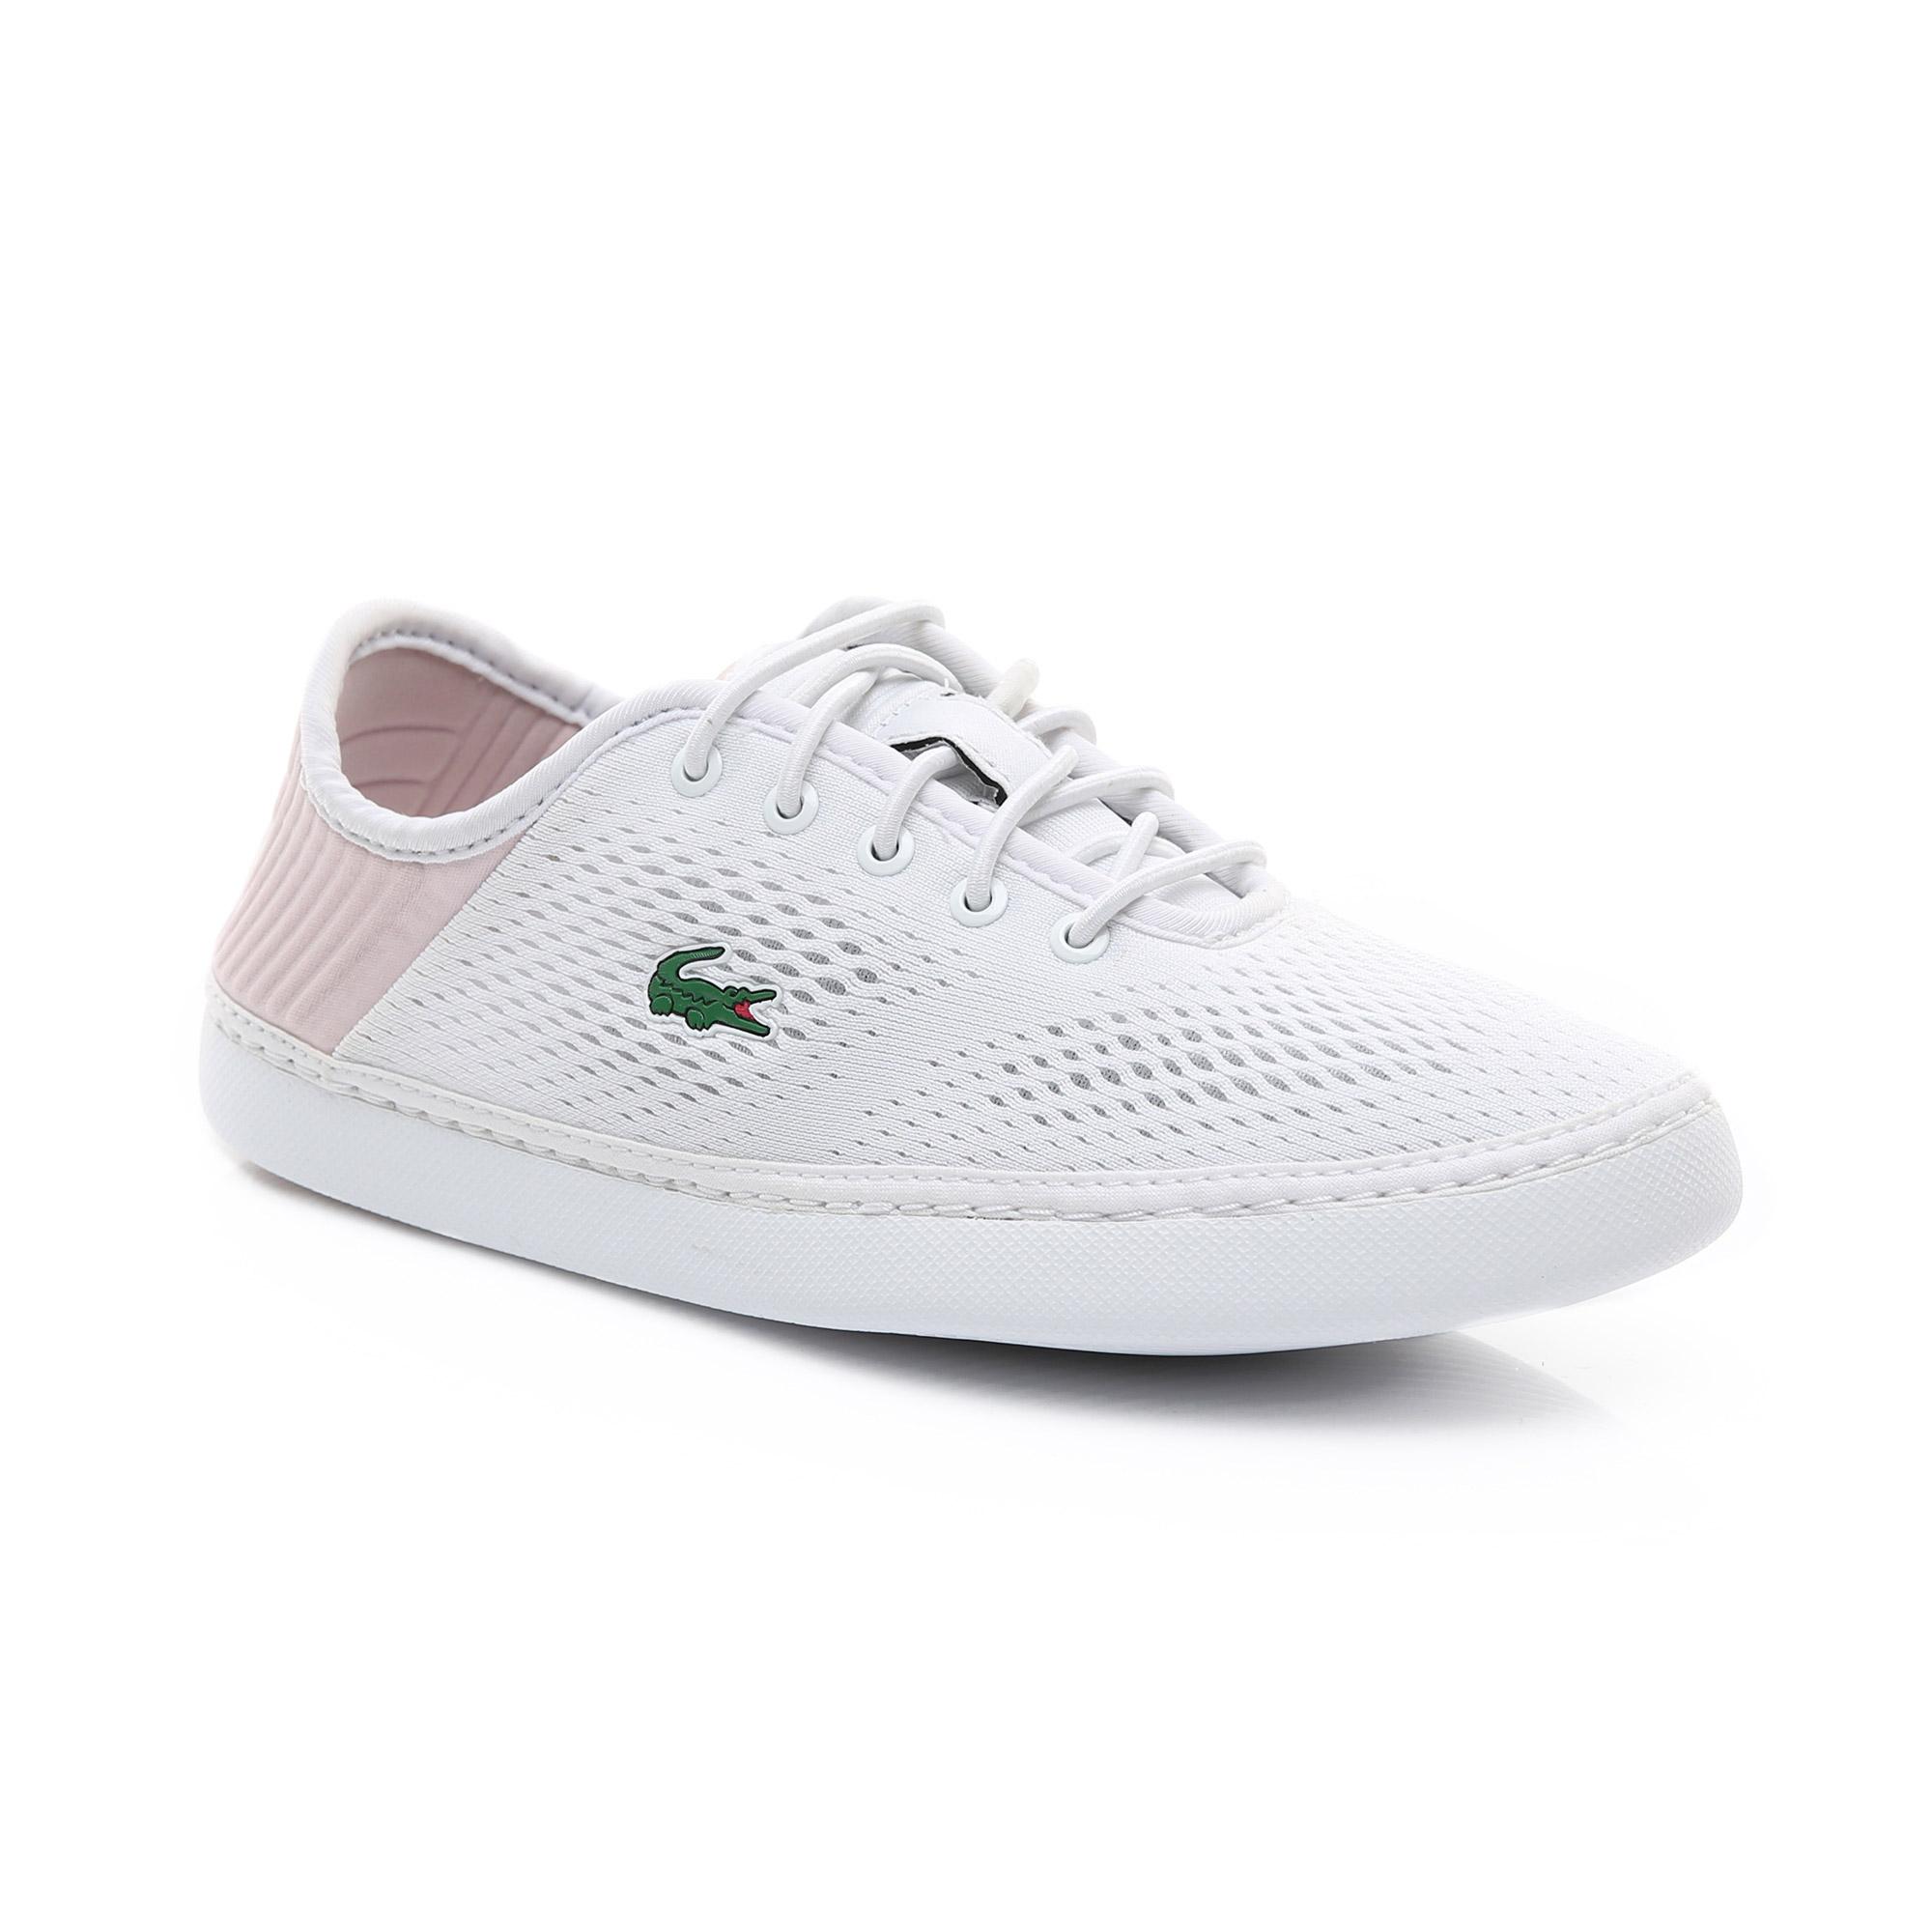 Lacoste L.ydro Lace 119 1 Damskie Sneakersy